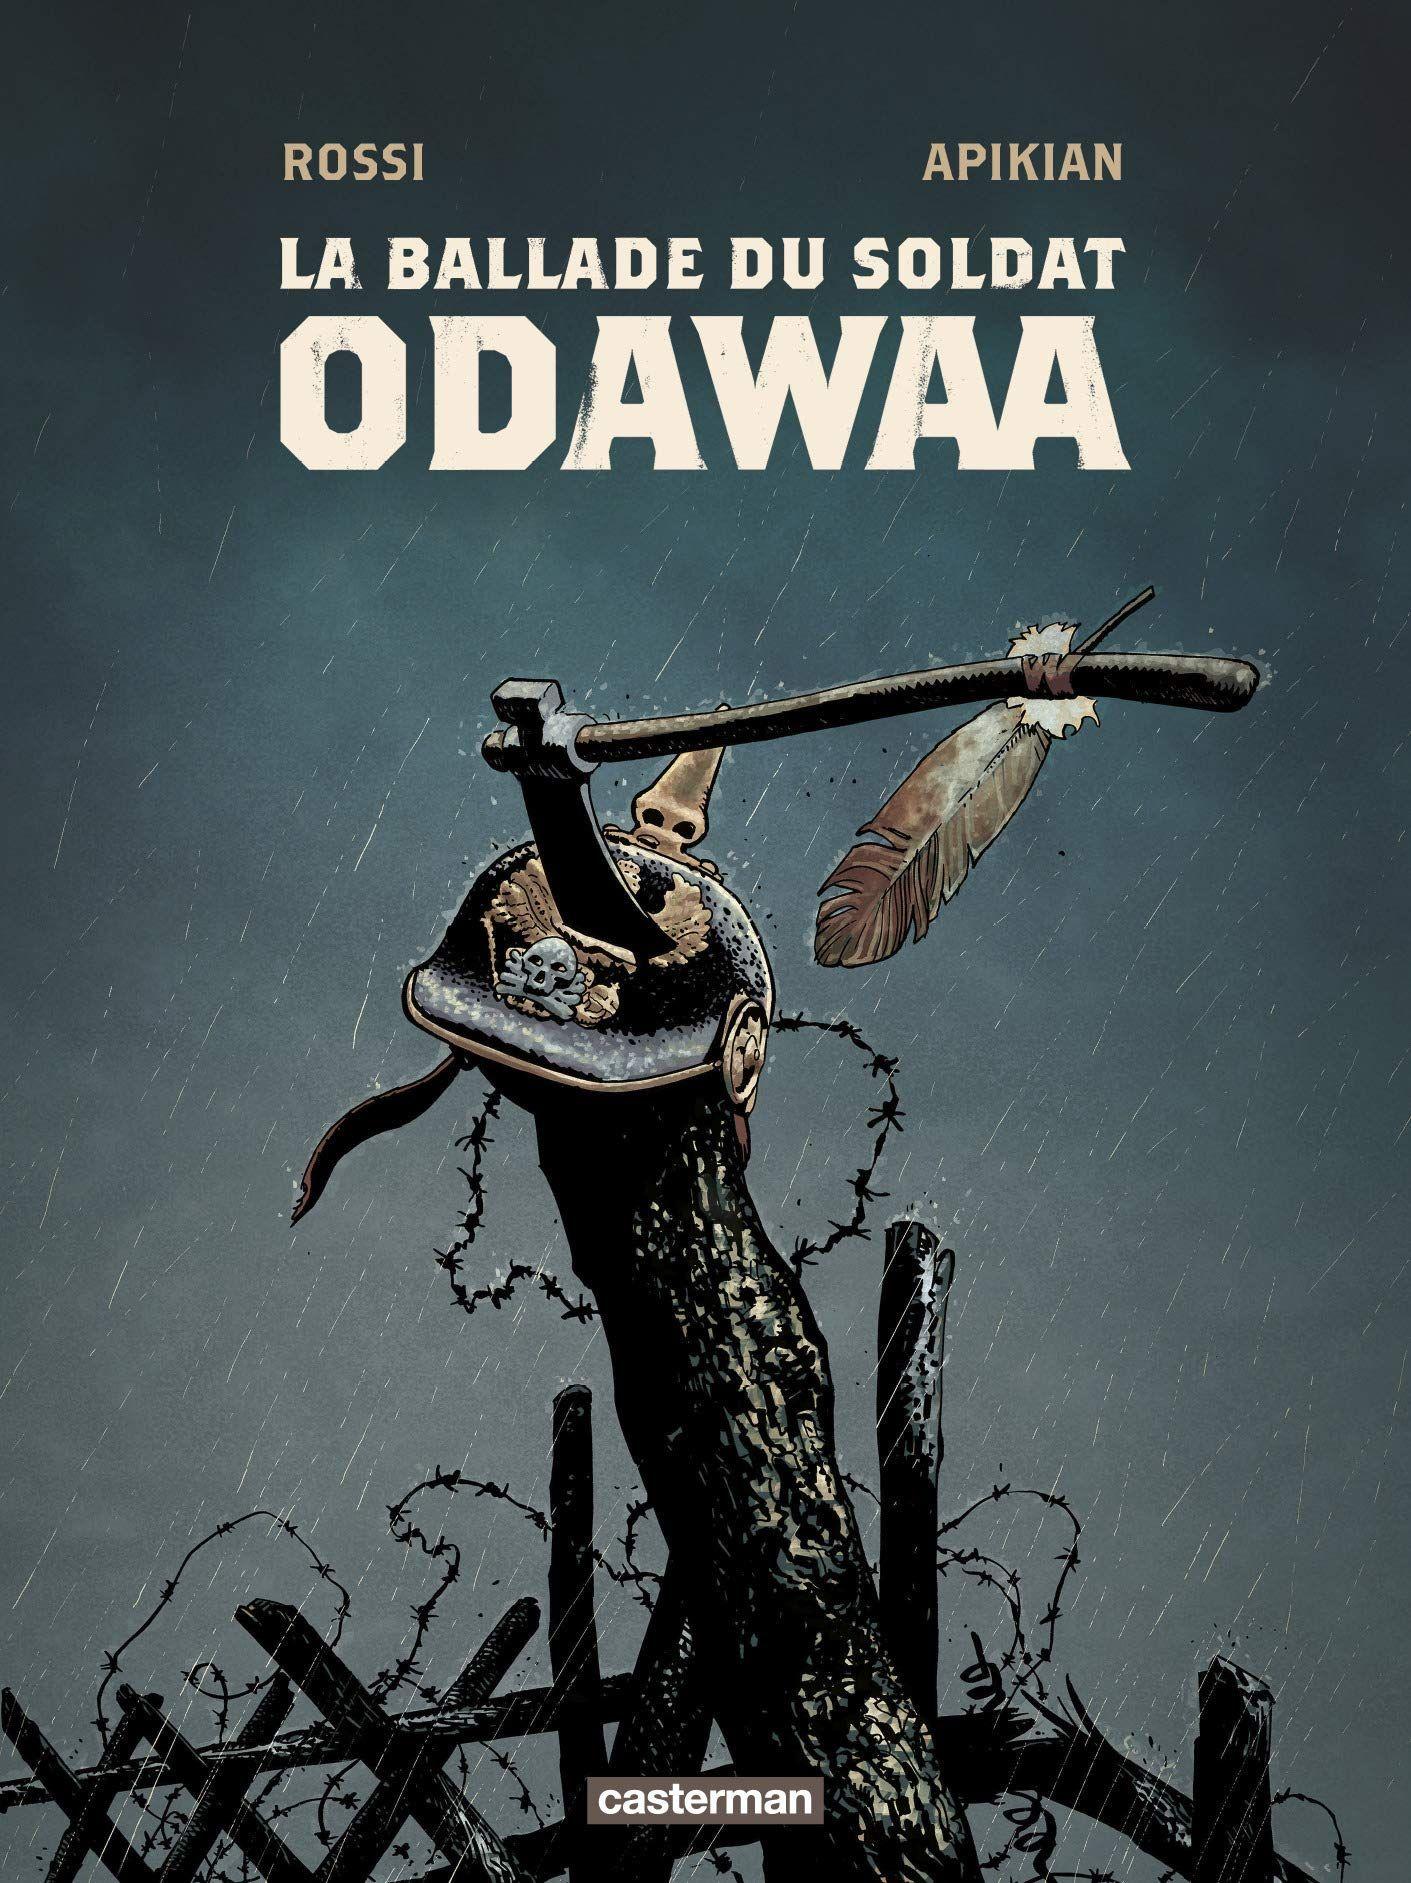 """""""Lectures d'été"""" : """"La ballade du soldat Odawaa"""" de Christian Rossi et Cédric Apikian, ambiance crépusculaire pour ce western moderne"""